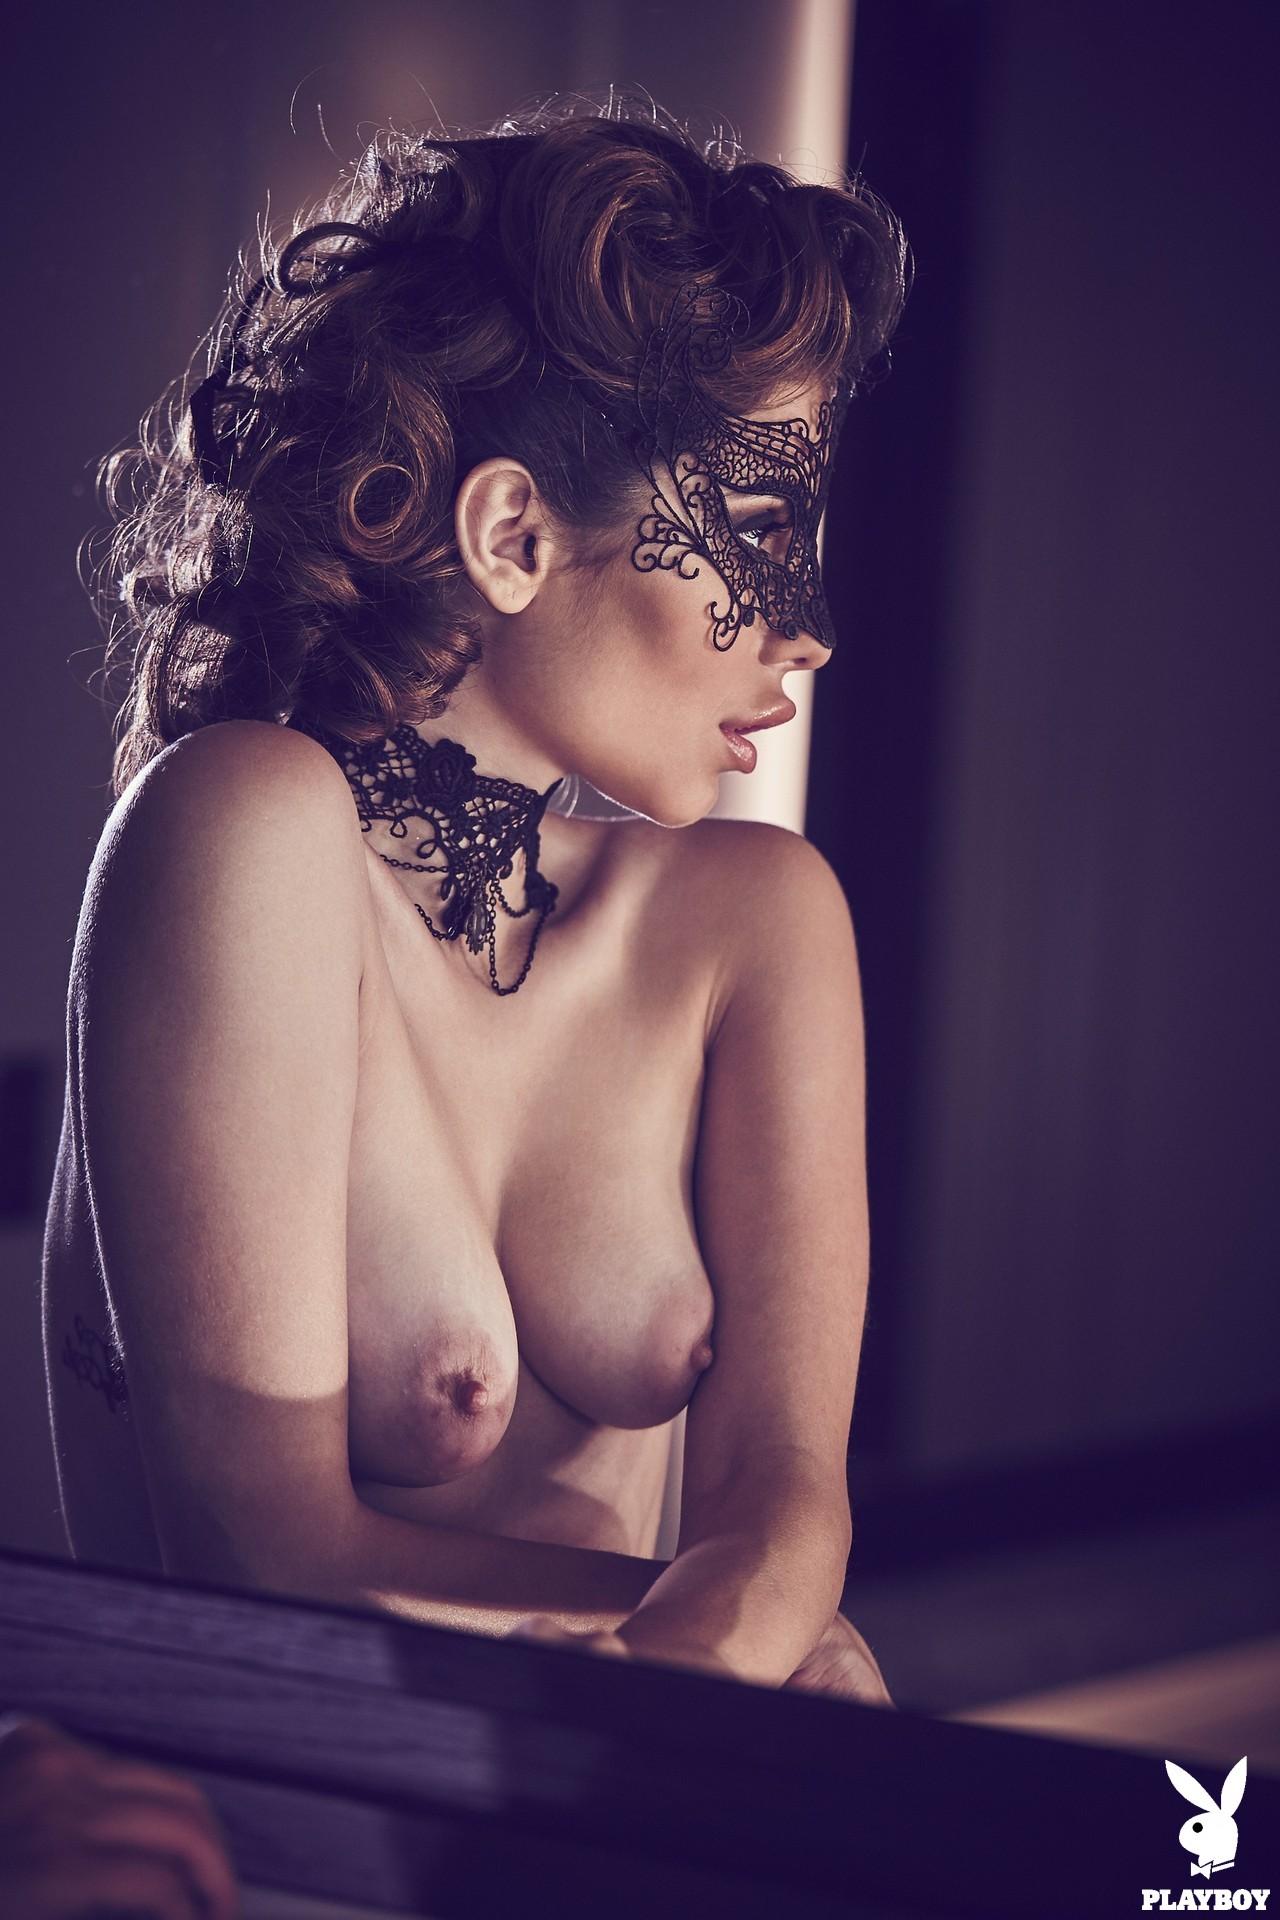 Chiara Arrighi in Playboy Germany Vol. 3 - Playboy Plus 7